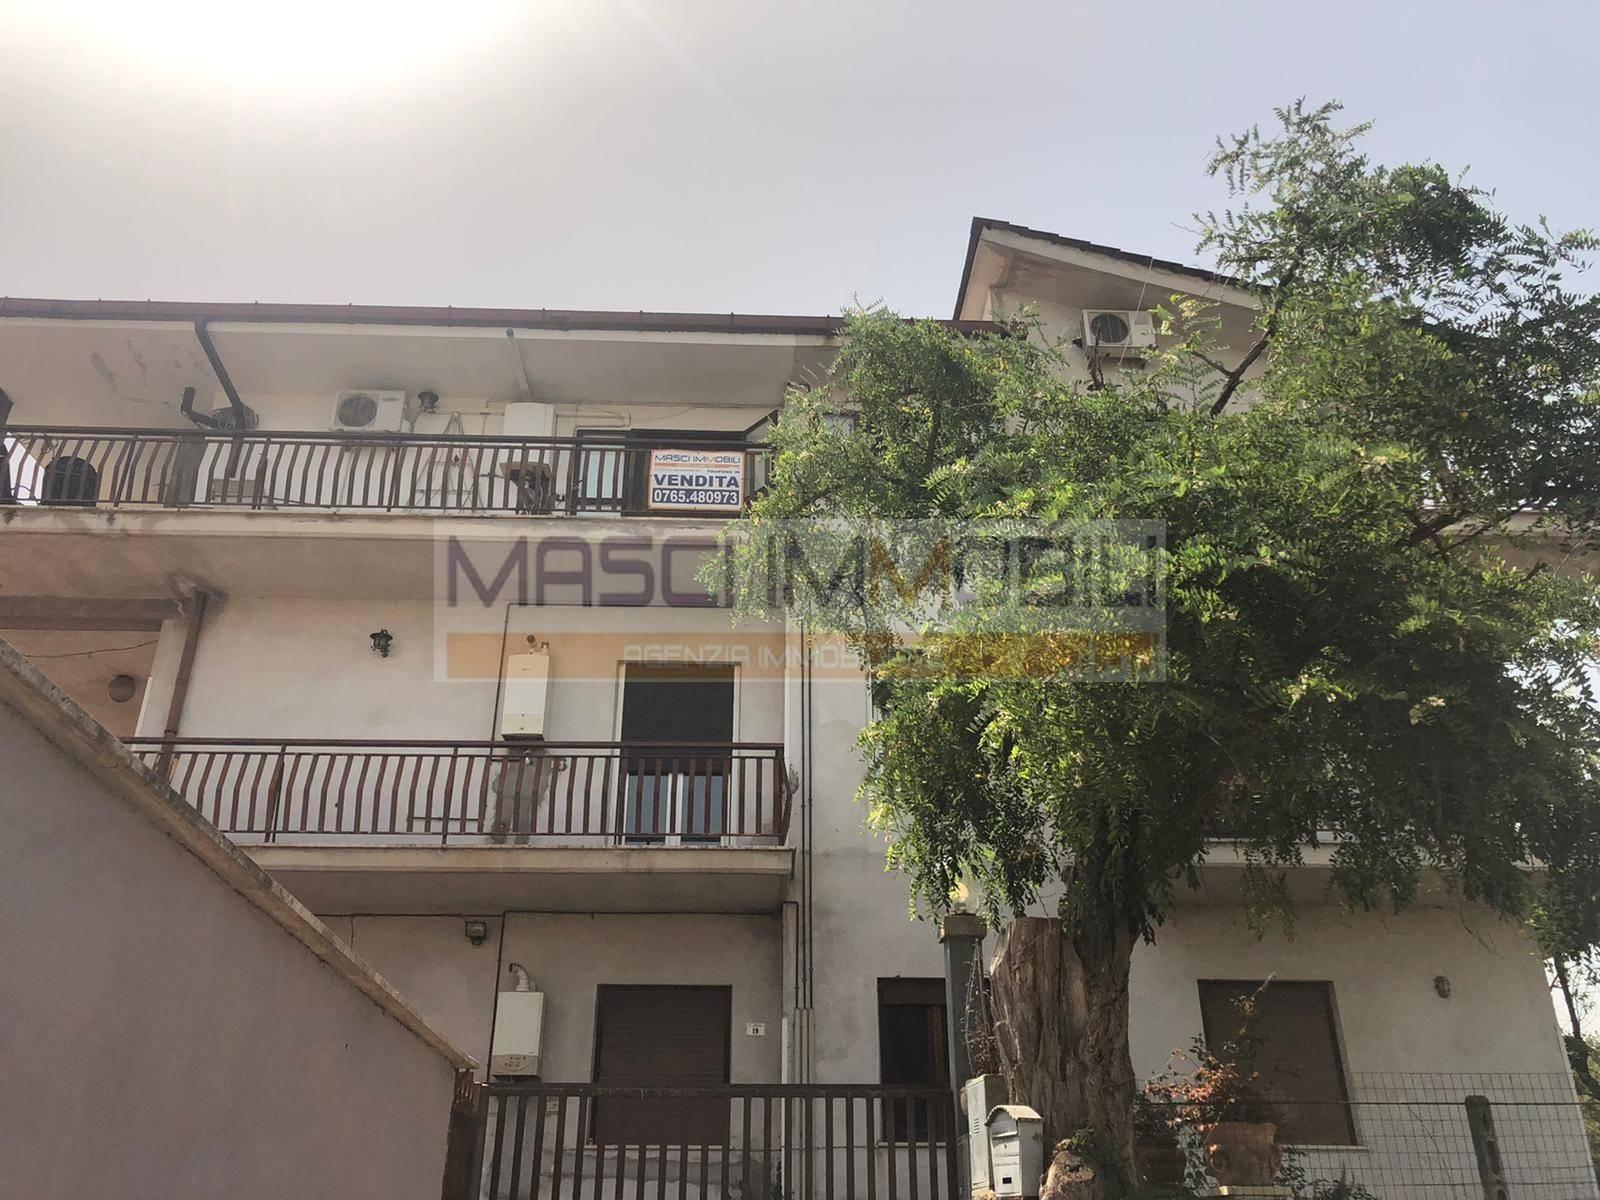 Appartamento in vendita a Fiano Romano, 4 locali, prezzo € 140.000 | CambioCasa.it